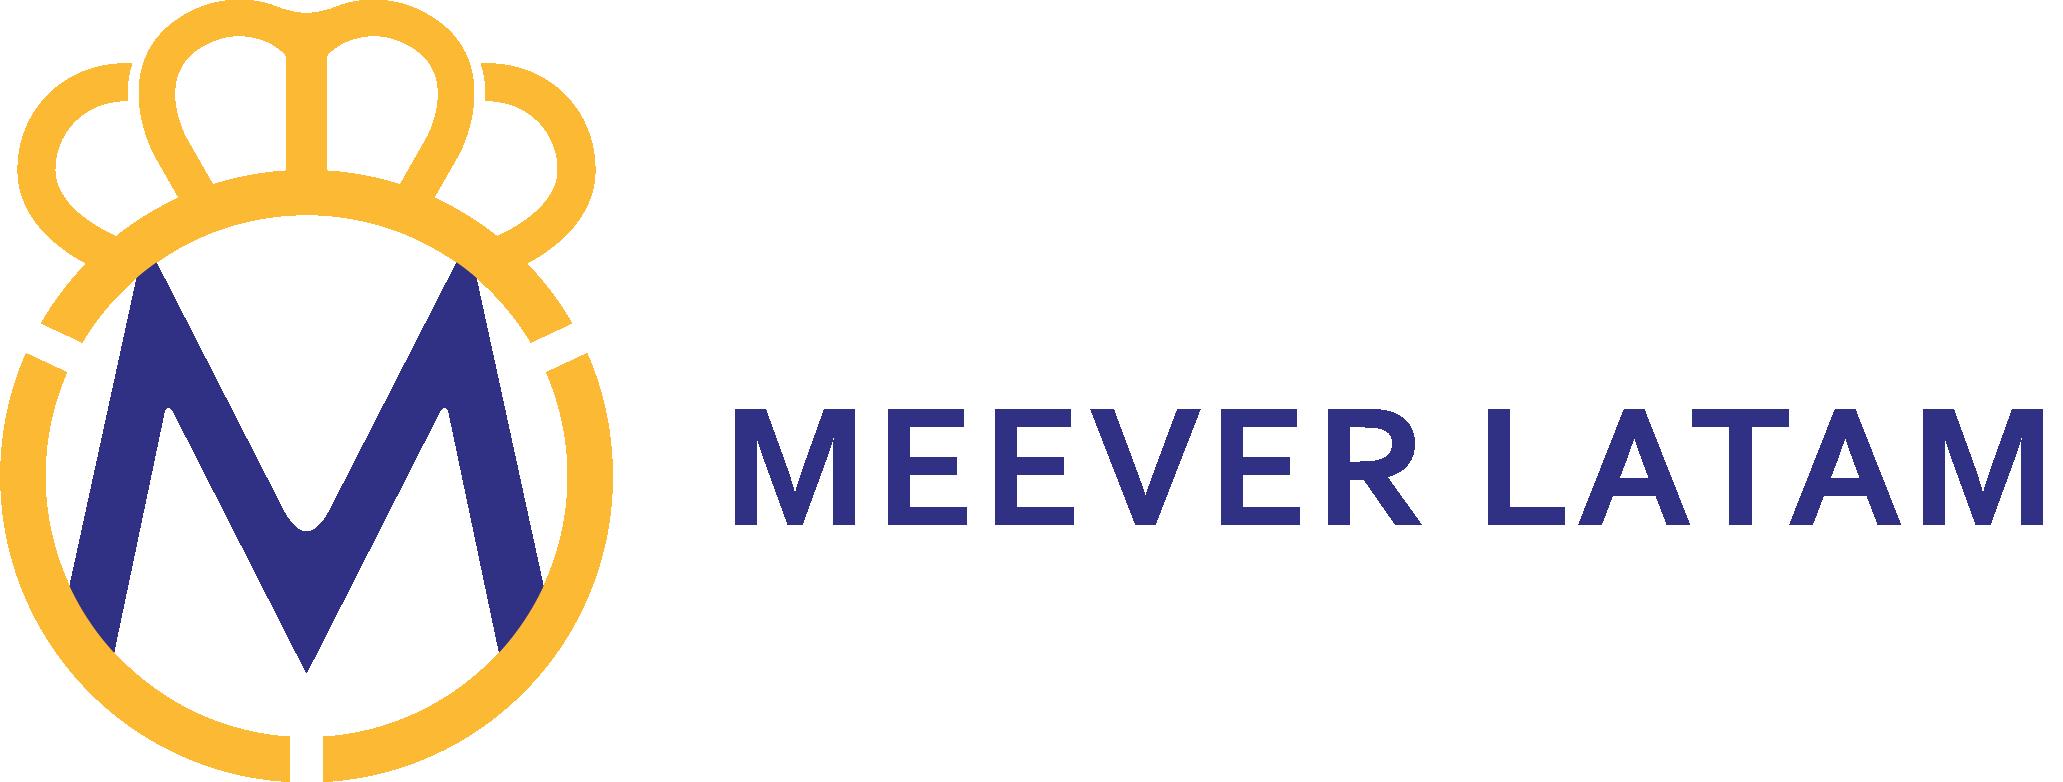 Meever LATAM